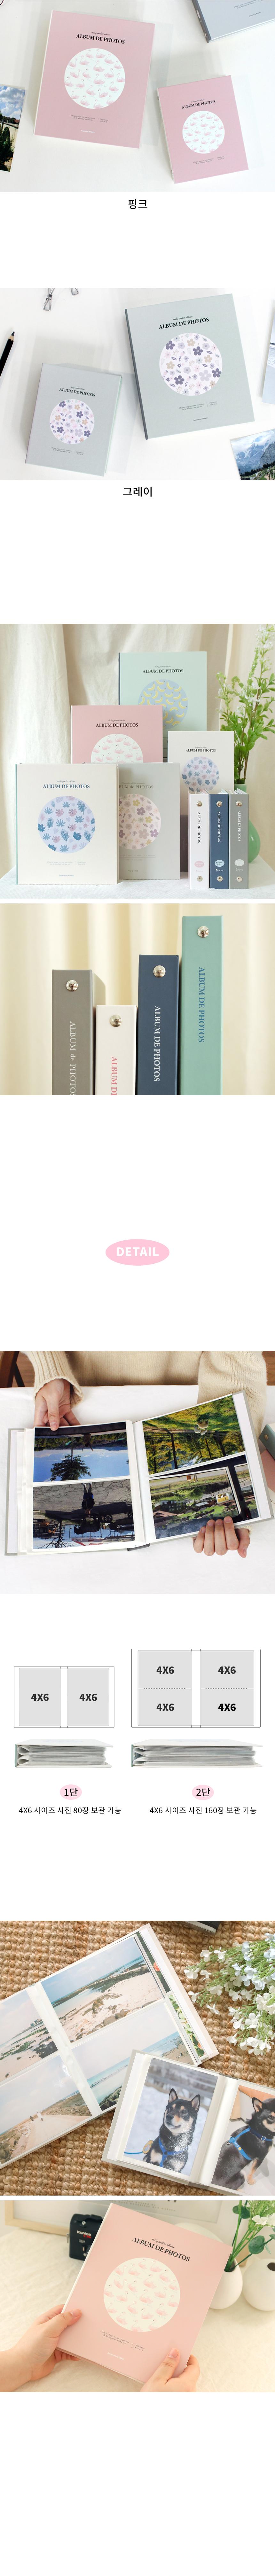 비팬시 4x6포켓식앨범 사진앨범 미니앨범3,200원-비팬시디자인문구, 앨범/레코드북, 포켓앨범, 패턴바보사랑비팬시 4x6포켓식앨범 사진앨범 미니앨범3,200원-비팬시디자인문구, 앨범/레코드북, 포켓앨범, 패턴바보사랑